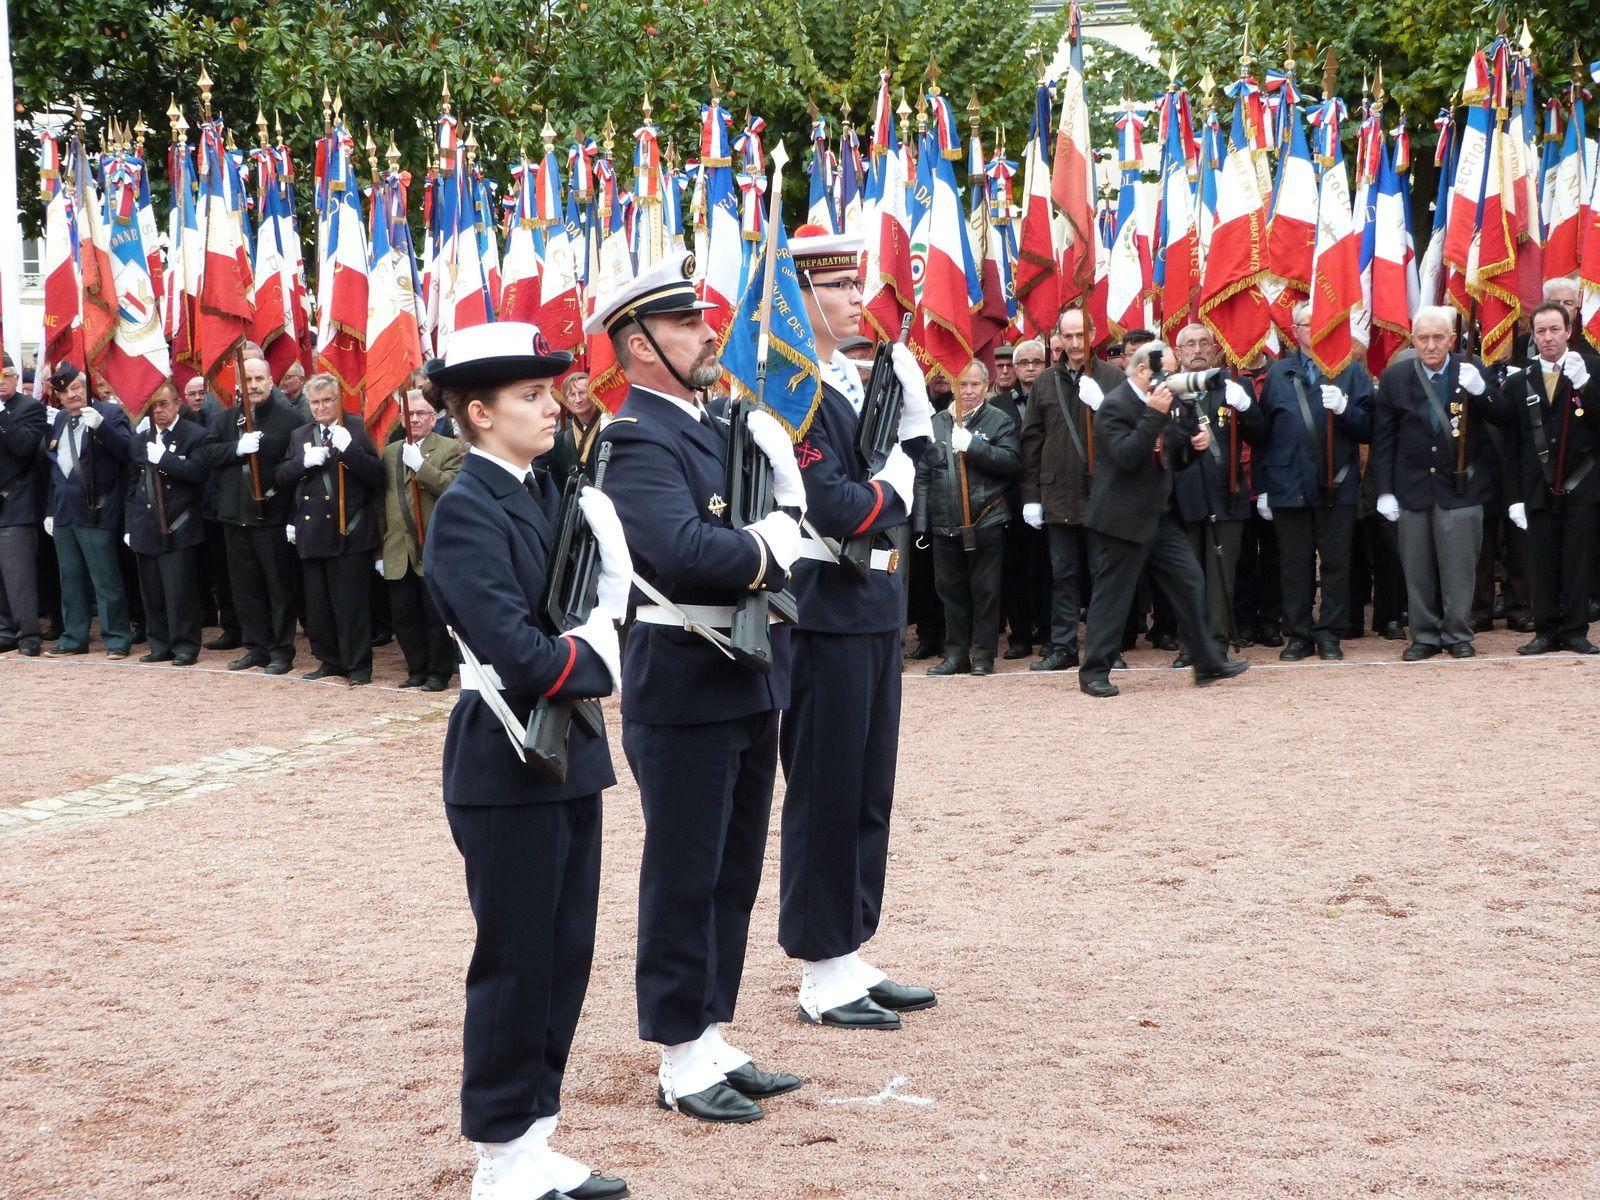 Cérémonie AFN et prise de fanion PMM à La Roche sur Yon